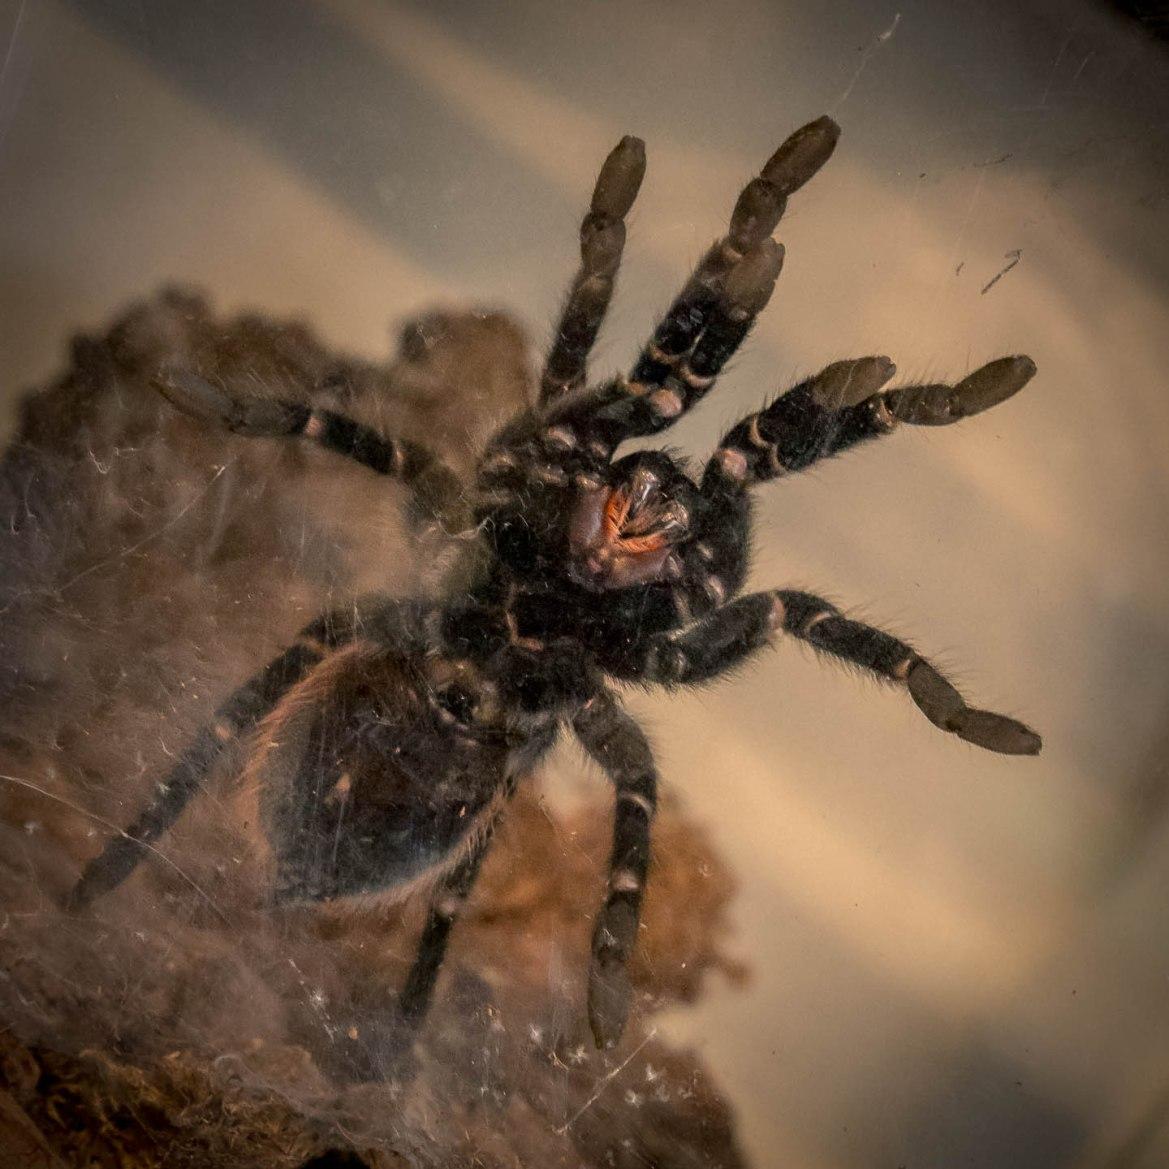 Aaaaargh. Terror. Spider.